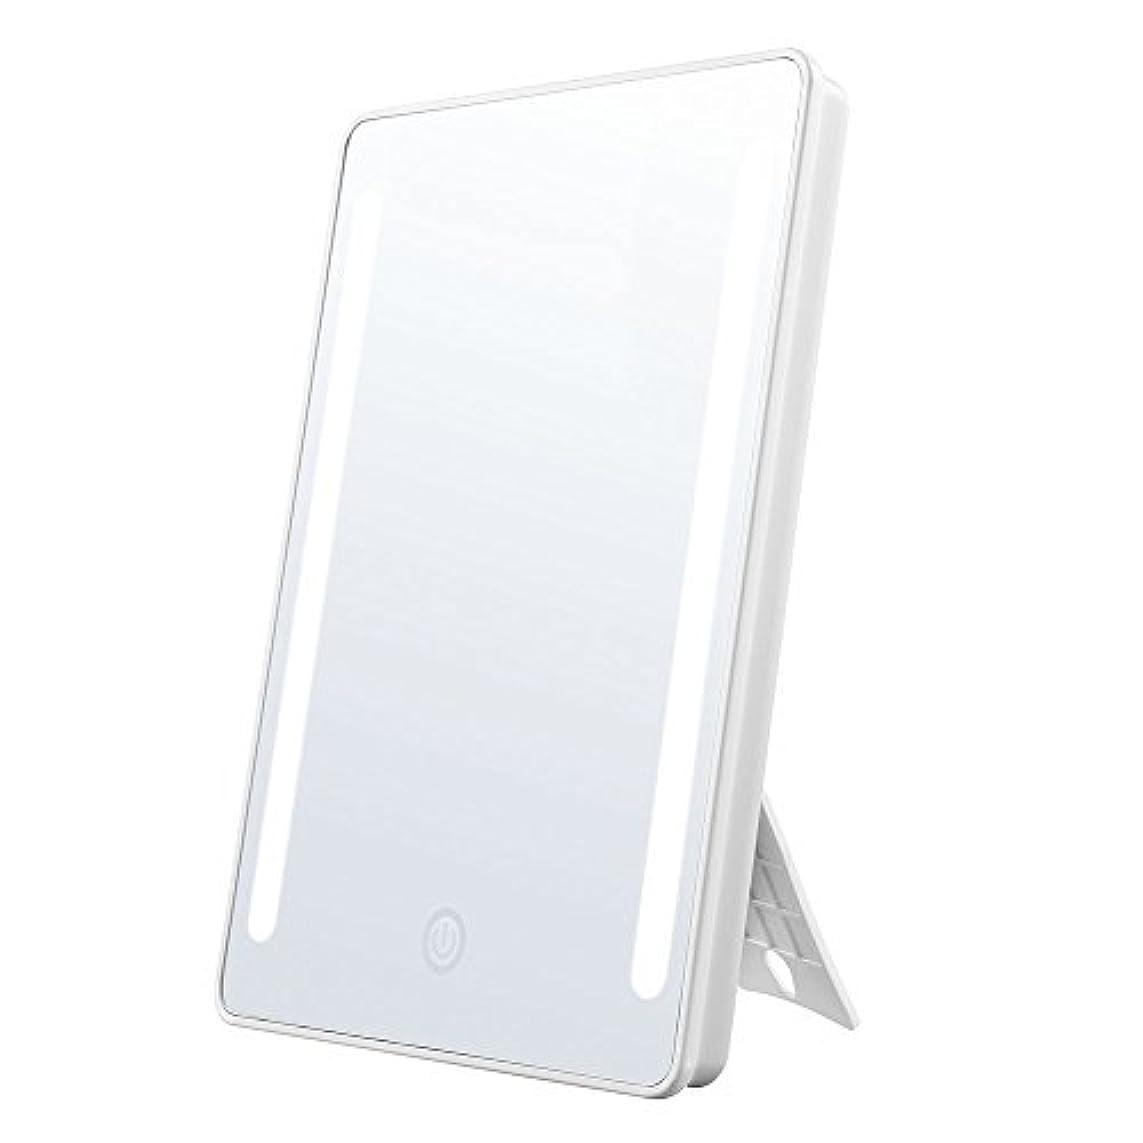 抗議だらしないみなさんJerrybox 鏡 化粧鏡 卓上鏡 大型 led 鏡 フルフレームLEDライト スタンドミラー 拡大鏡付き